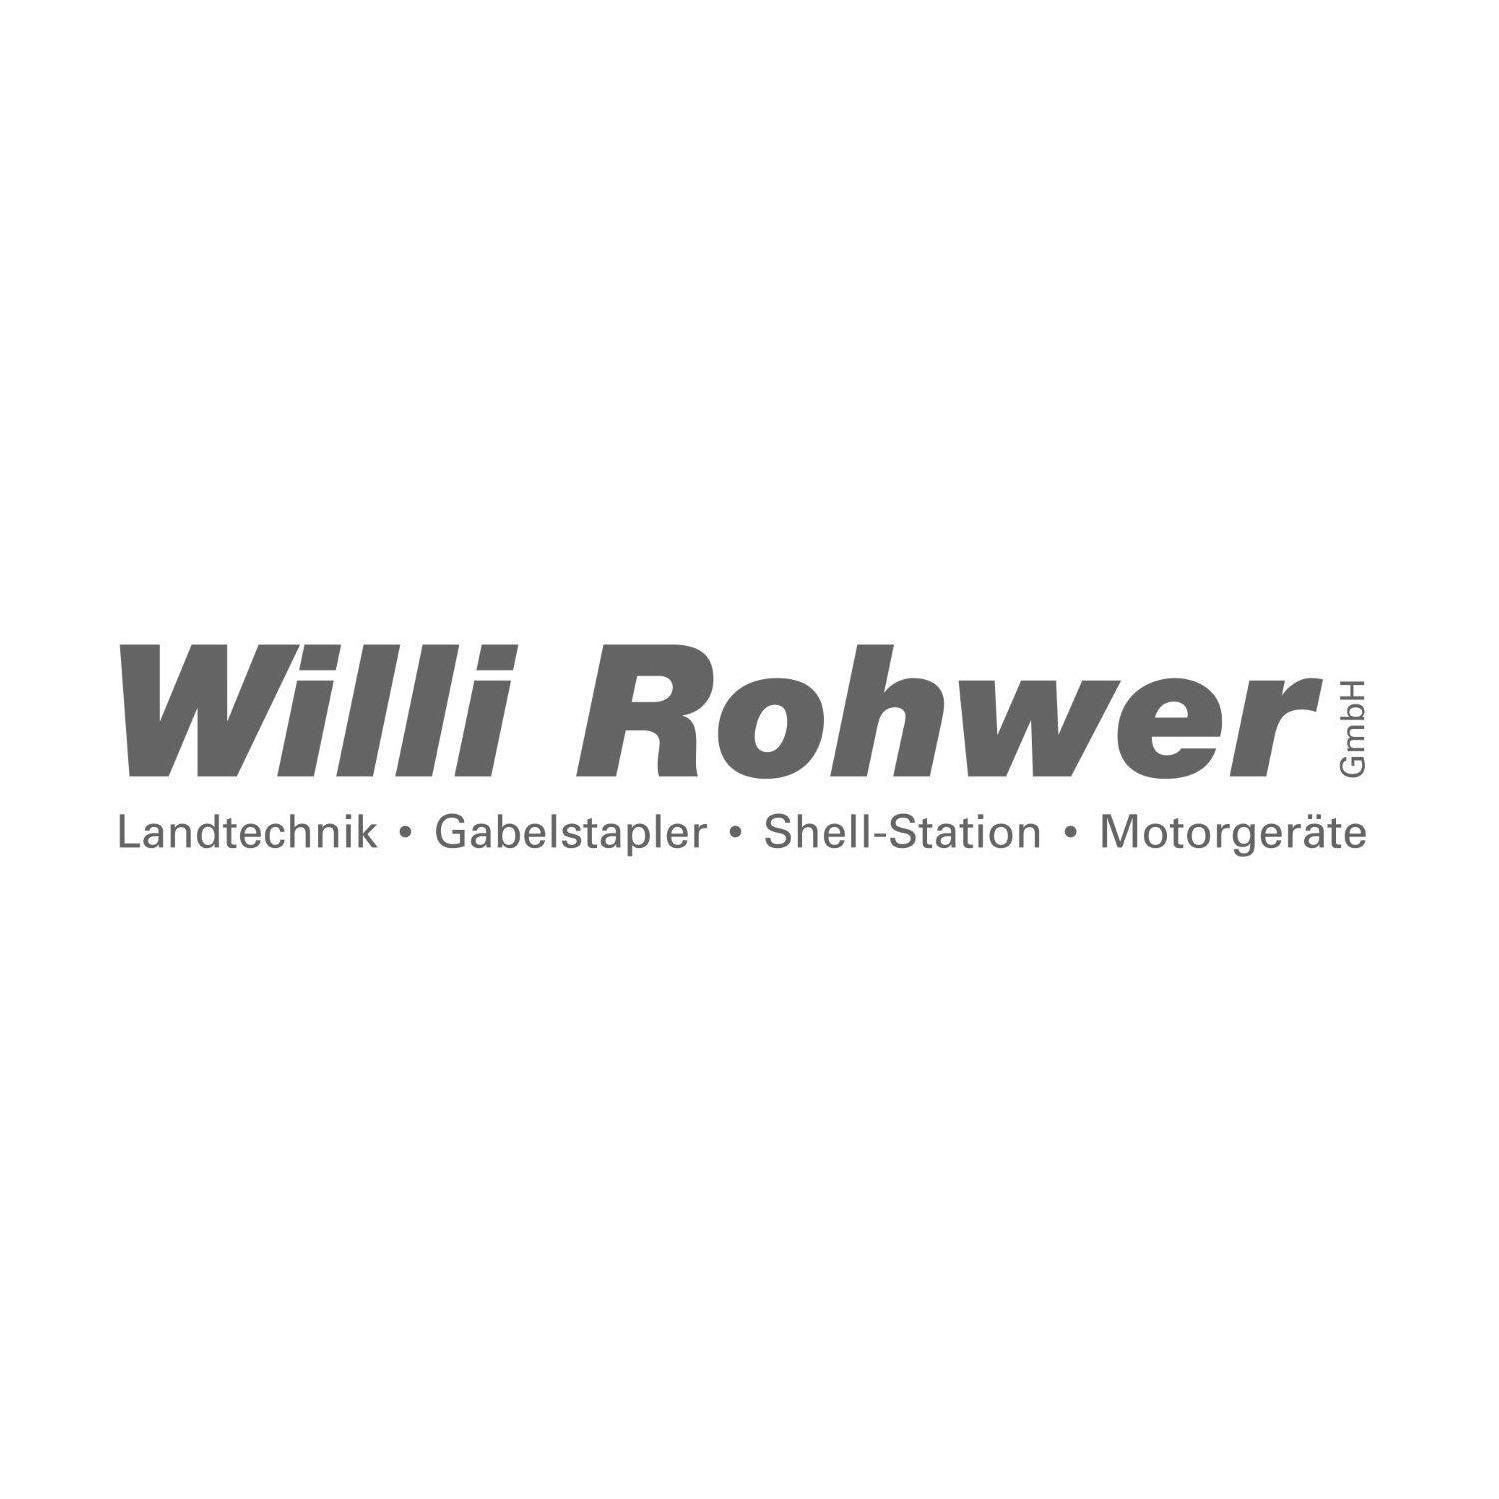 Bild zu Willi Rohwer GmbH in Jevenstedt